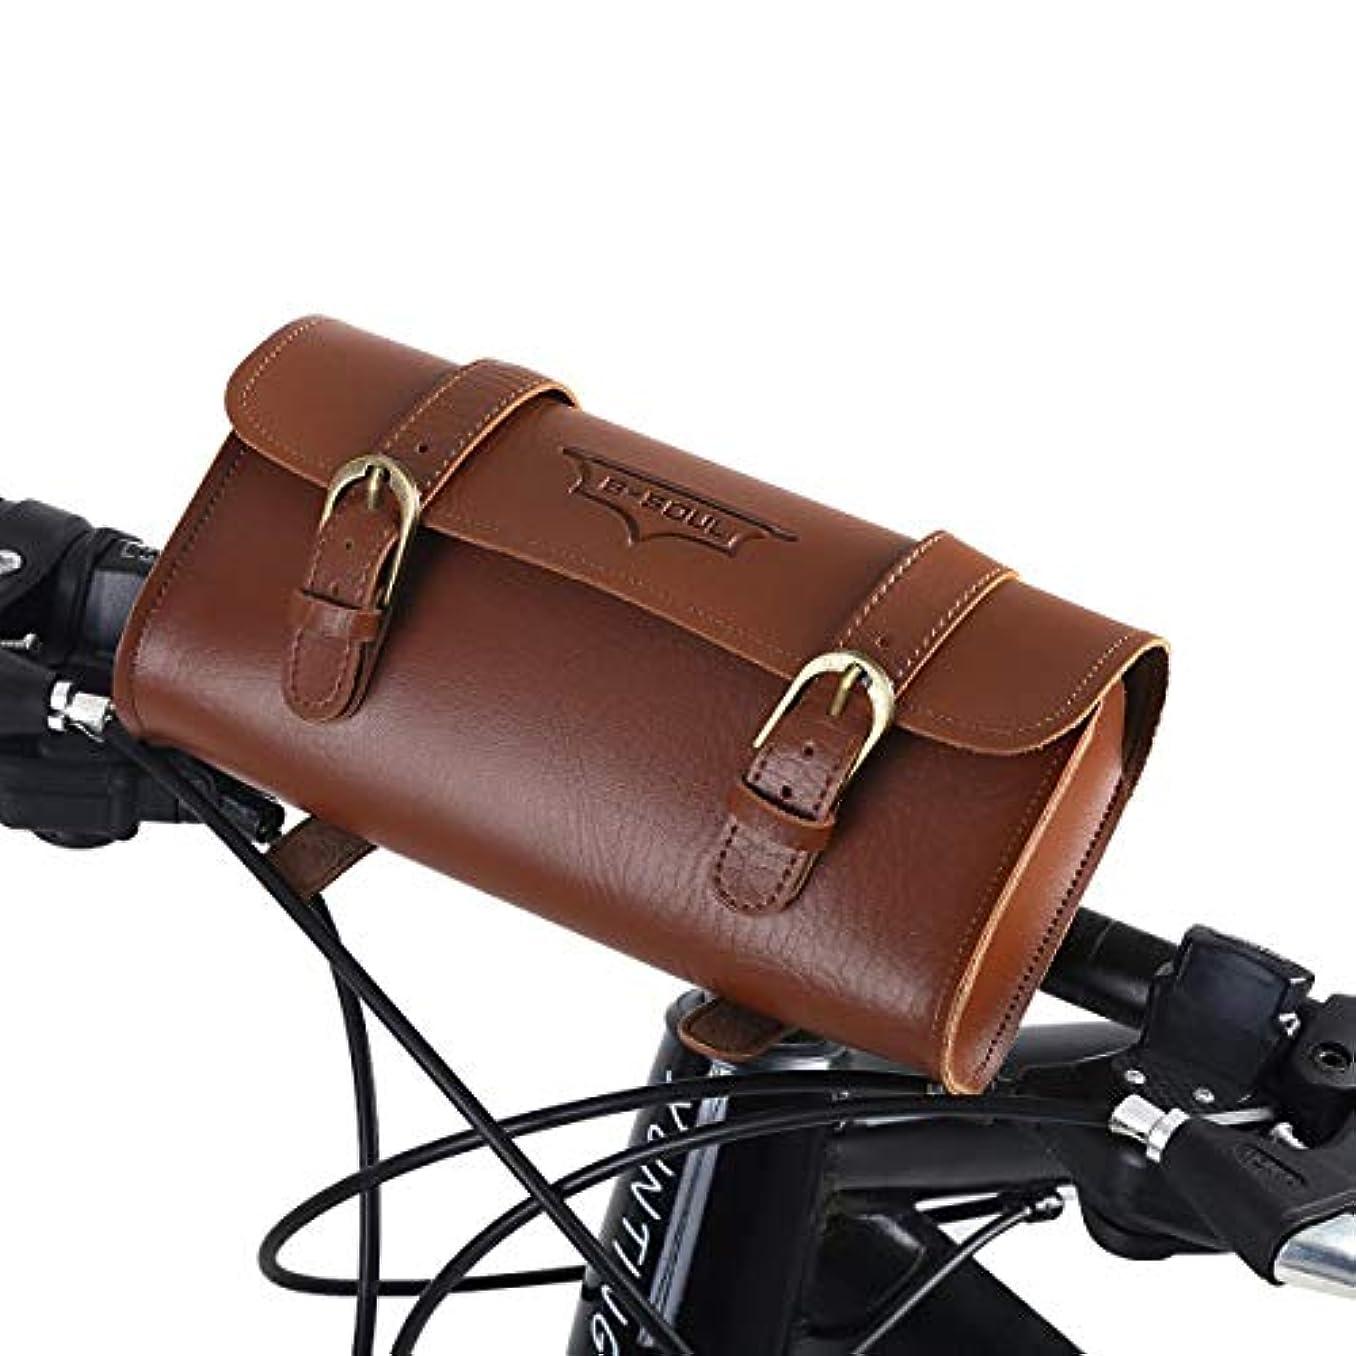 上下する時々時々保全oenbopo 自転車用バッグ レトロ スタイル 人工皮革自転車 フロントフレームバッグバイクポーチサイクリングアクセサリー